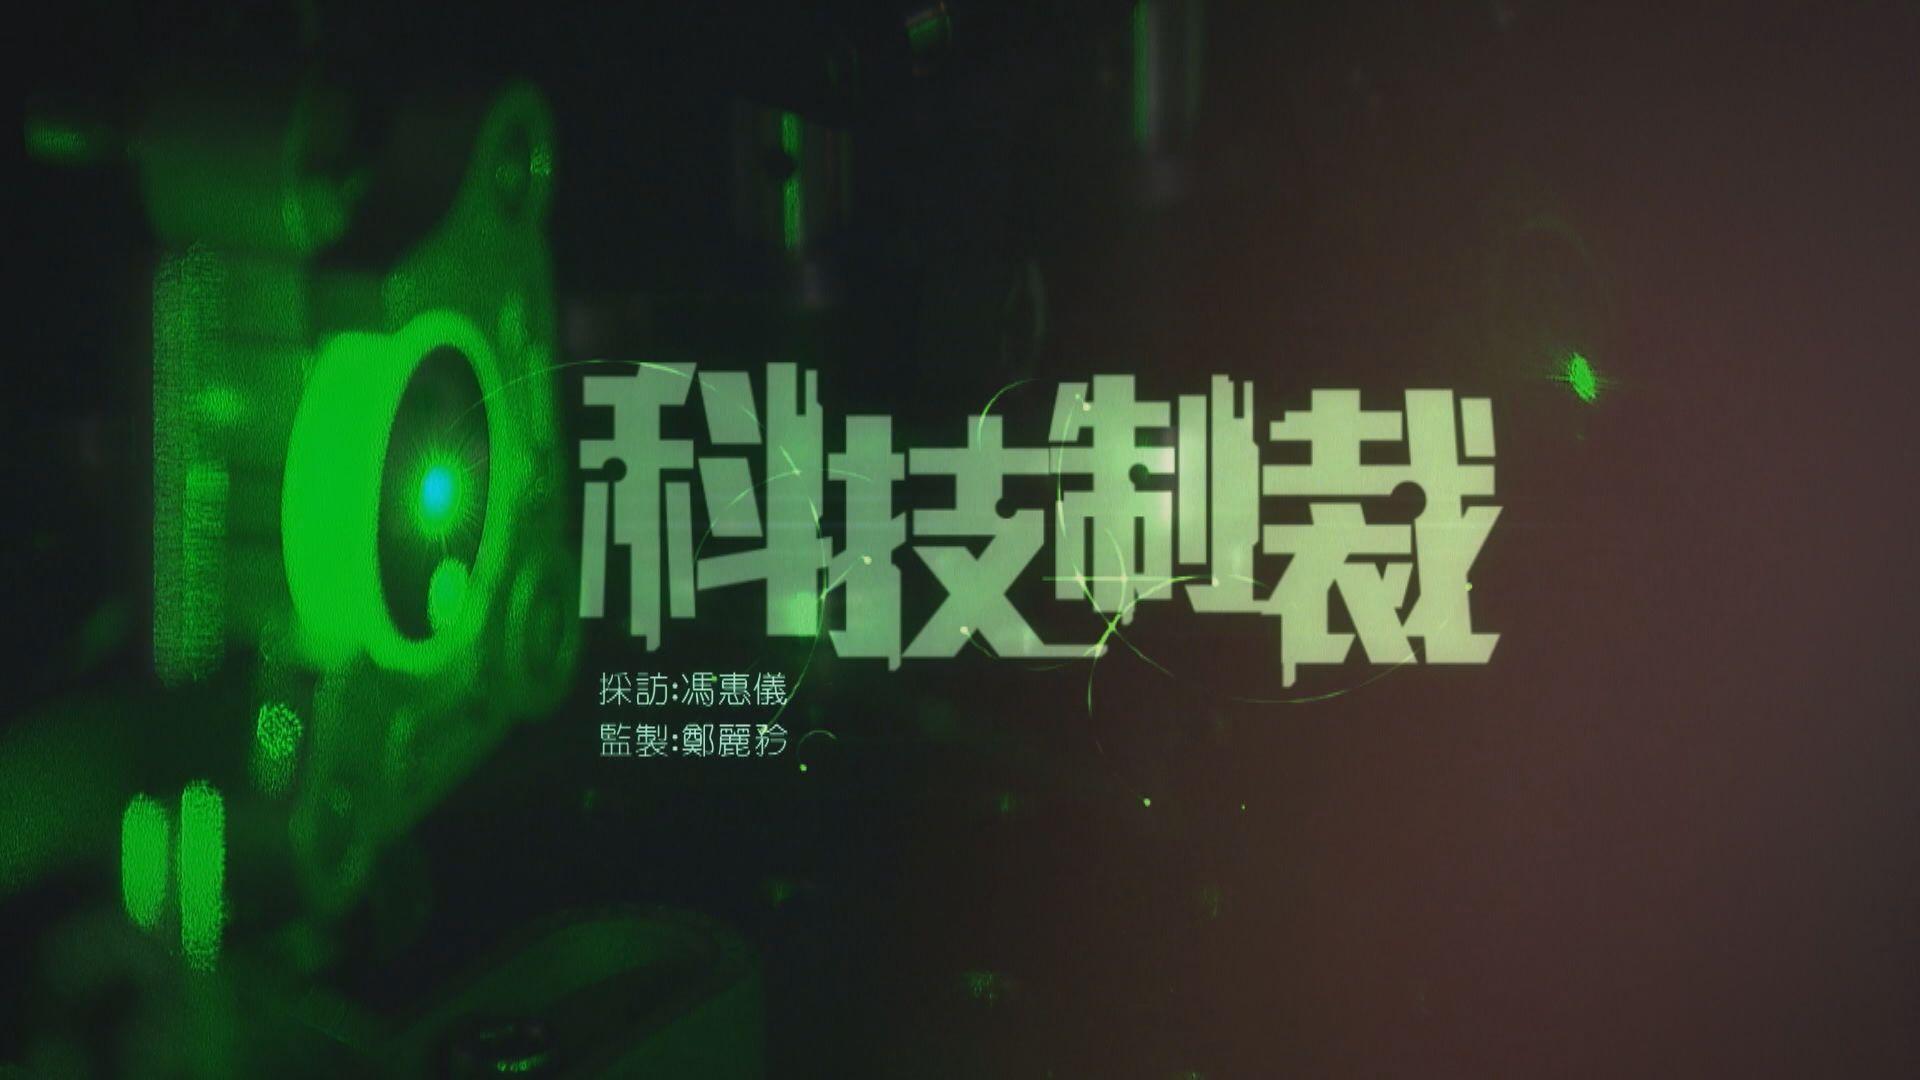 【經緯線】科技制裁(一)